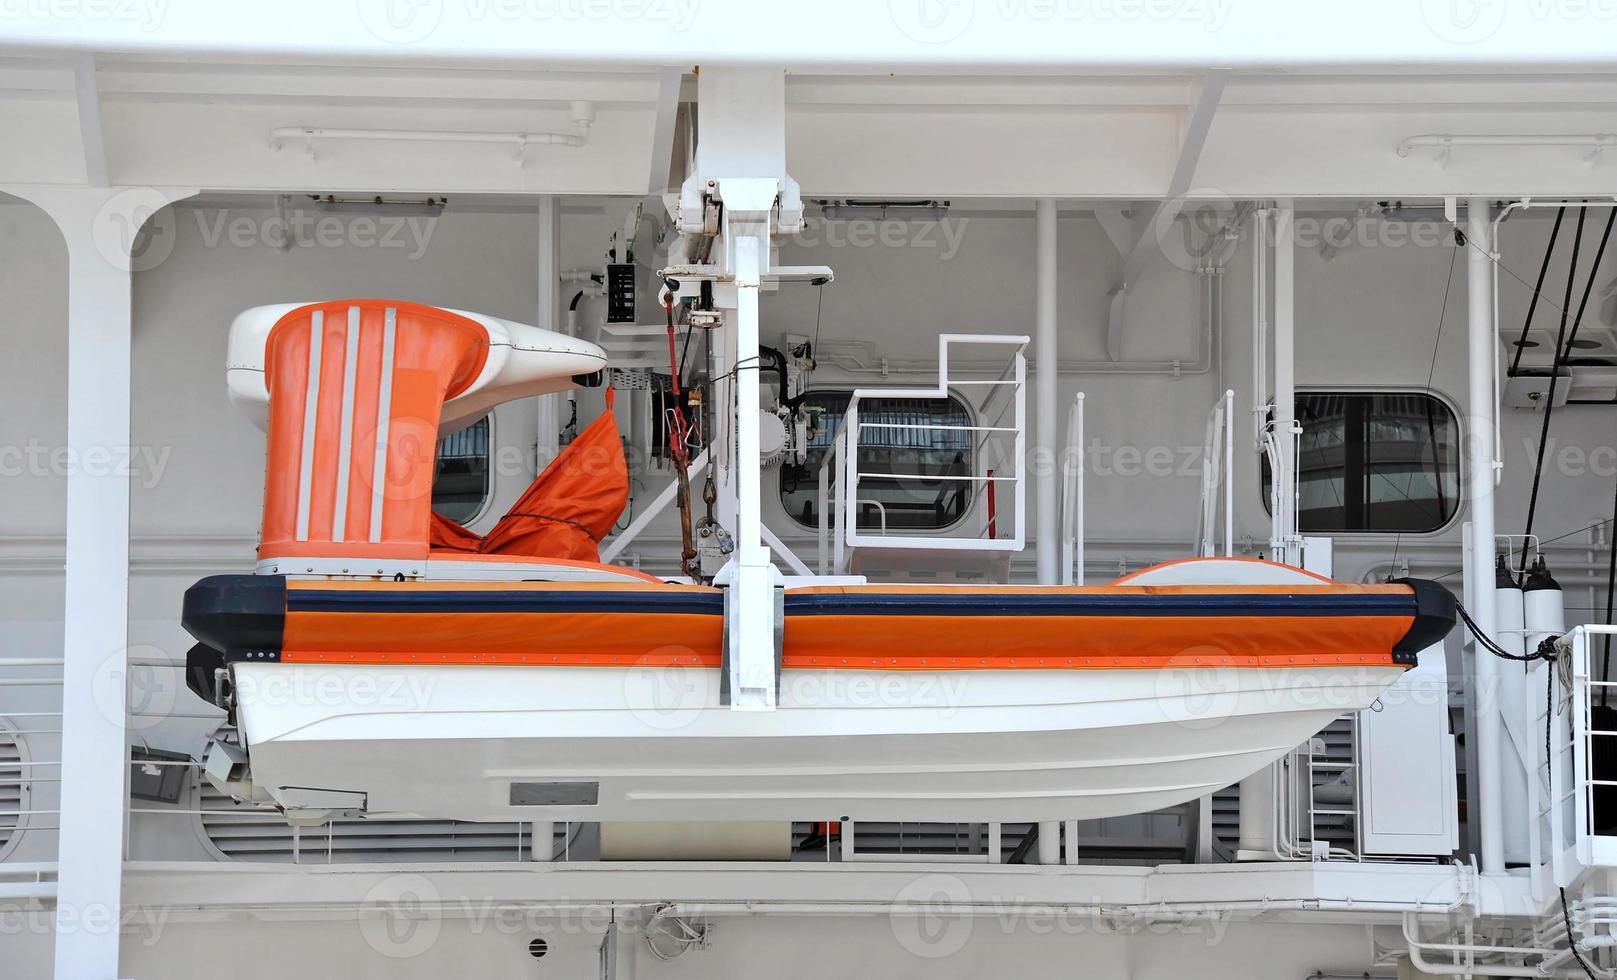 bote salvavidas de seguridad foto